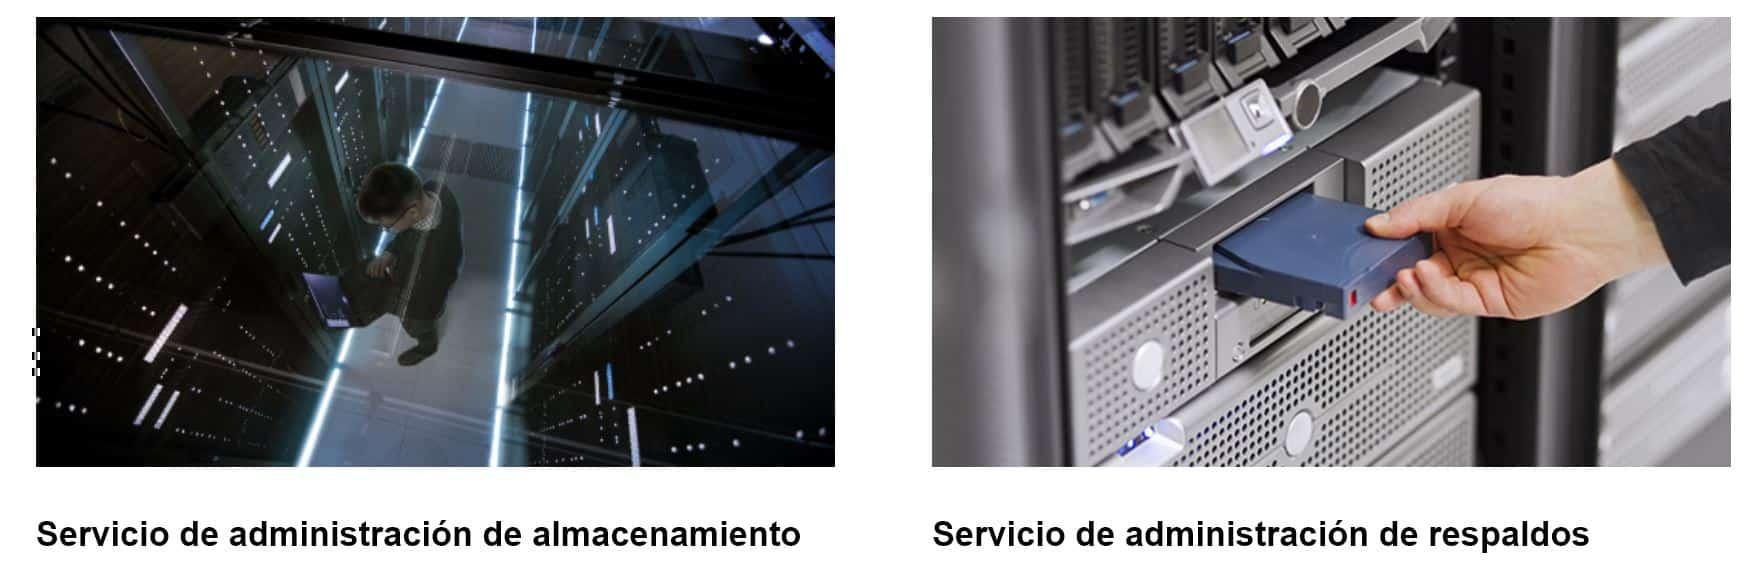 Kio Networks ofrece servcios variados adaptados a sus clientes.